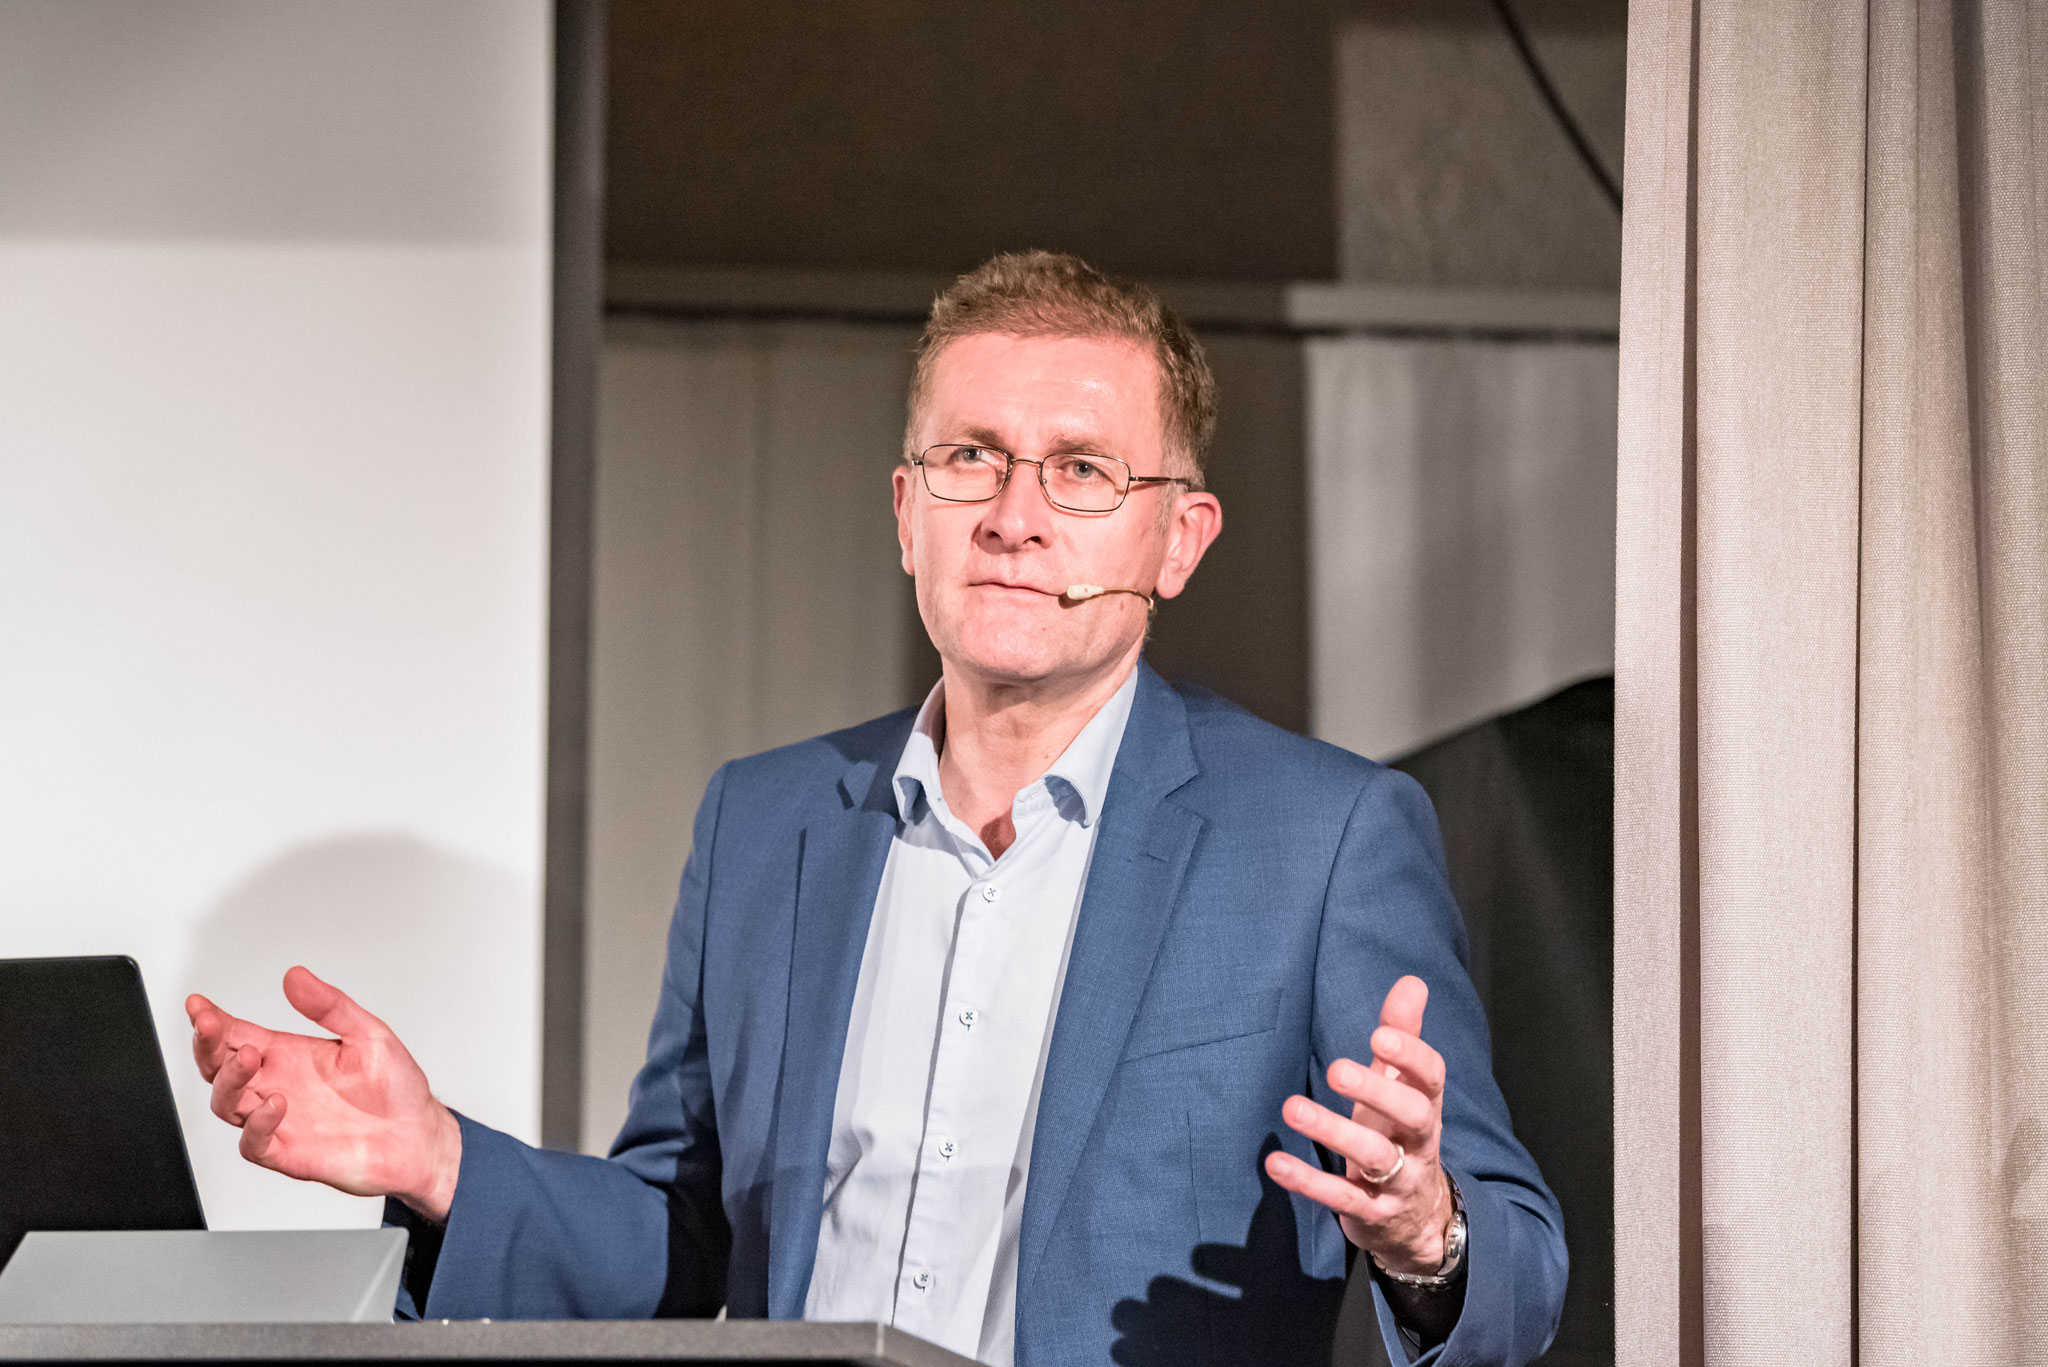 Christoph Neuhaus (président du Conseil-exécutif bernois, ancien directeur de la justice, des affaires communales et des affaires ecclésiastiques)